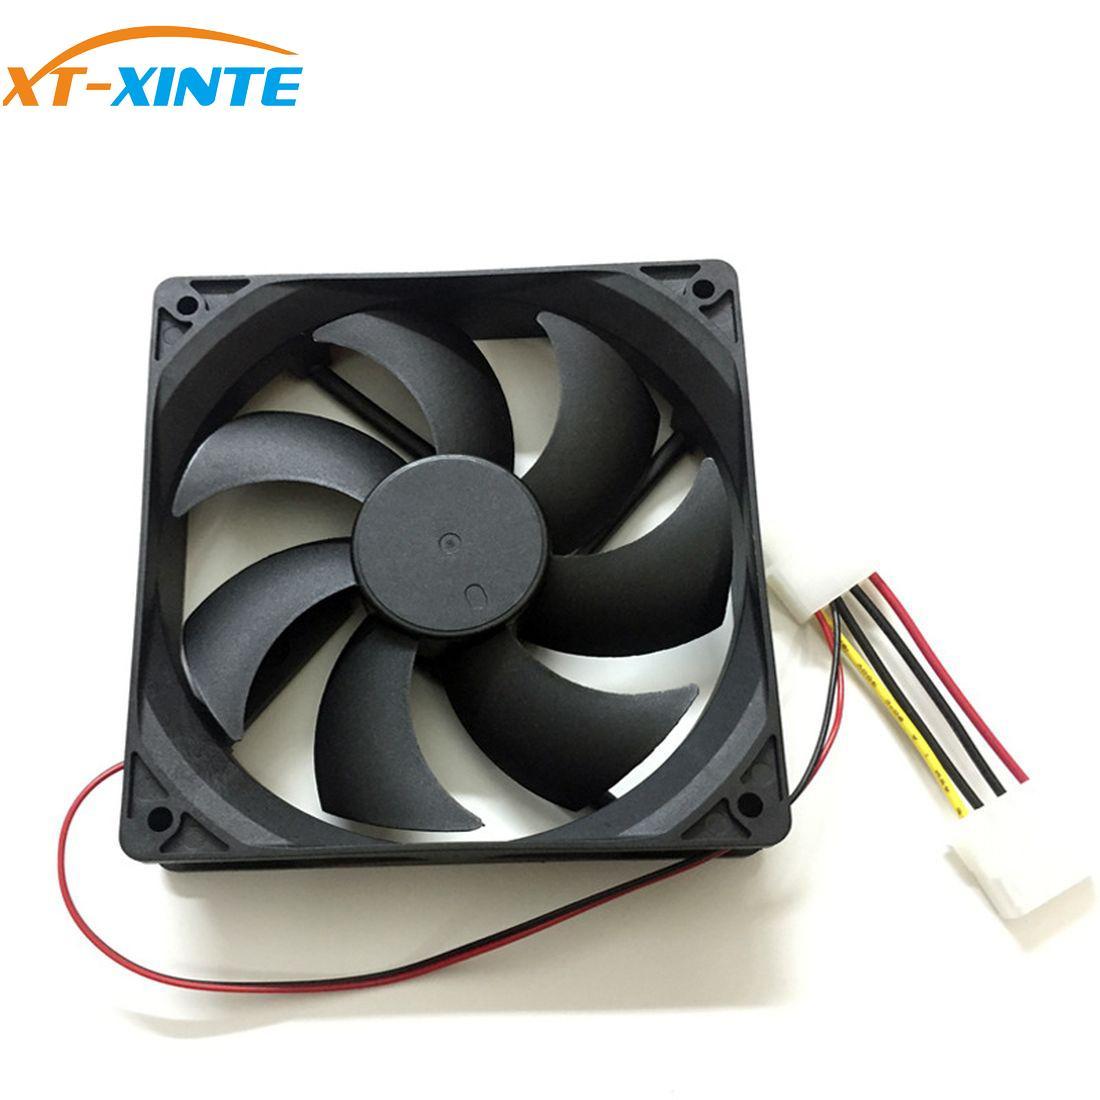 XT-XINTE portátil de refrigeración refrigerador ventilador DC12V 4Pin computadora disipador CPU silencio carcasa del ventilador de enfriamiento 8cm 9cm 12cm